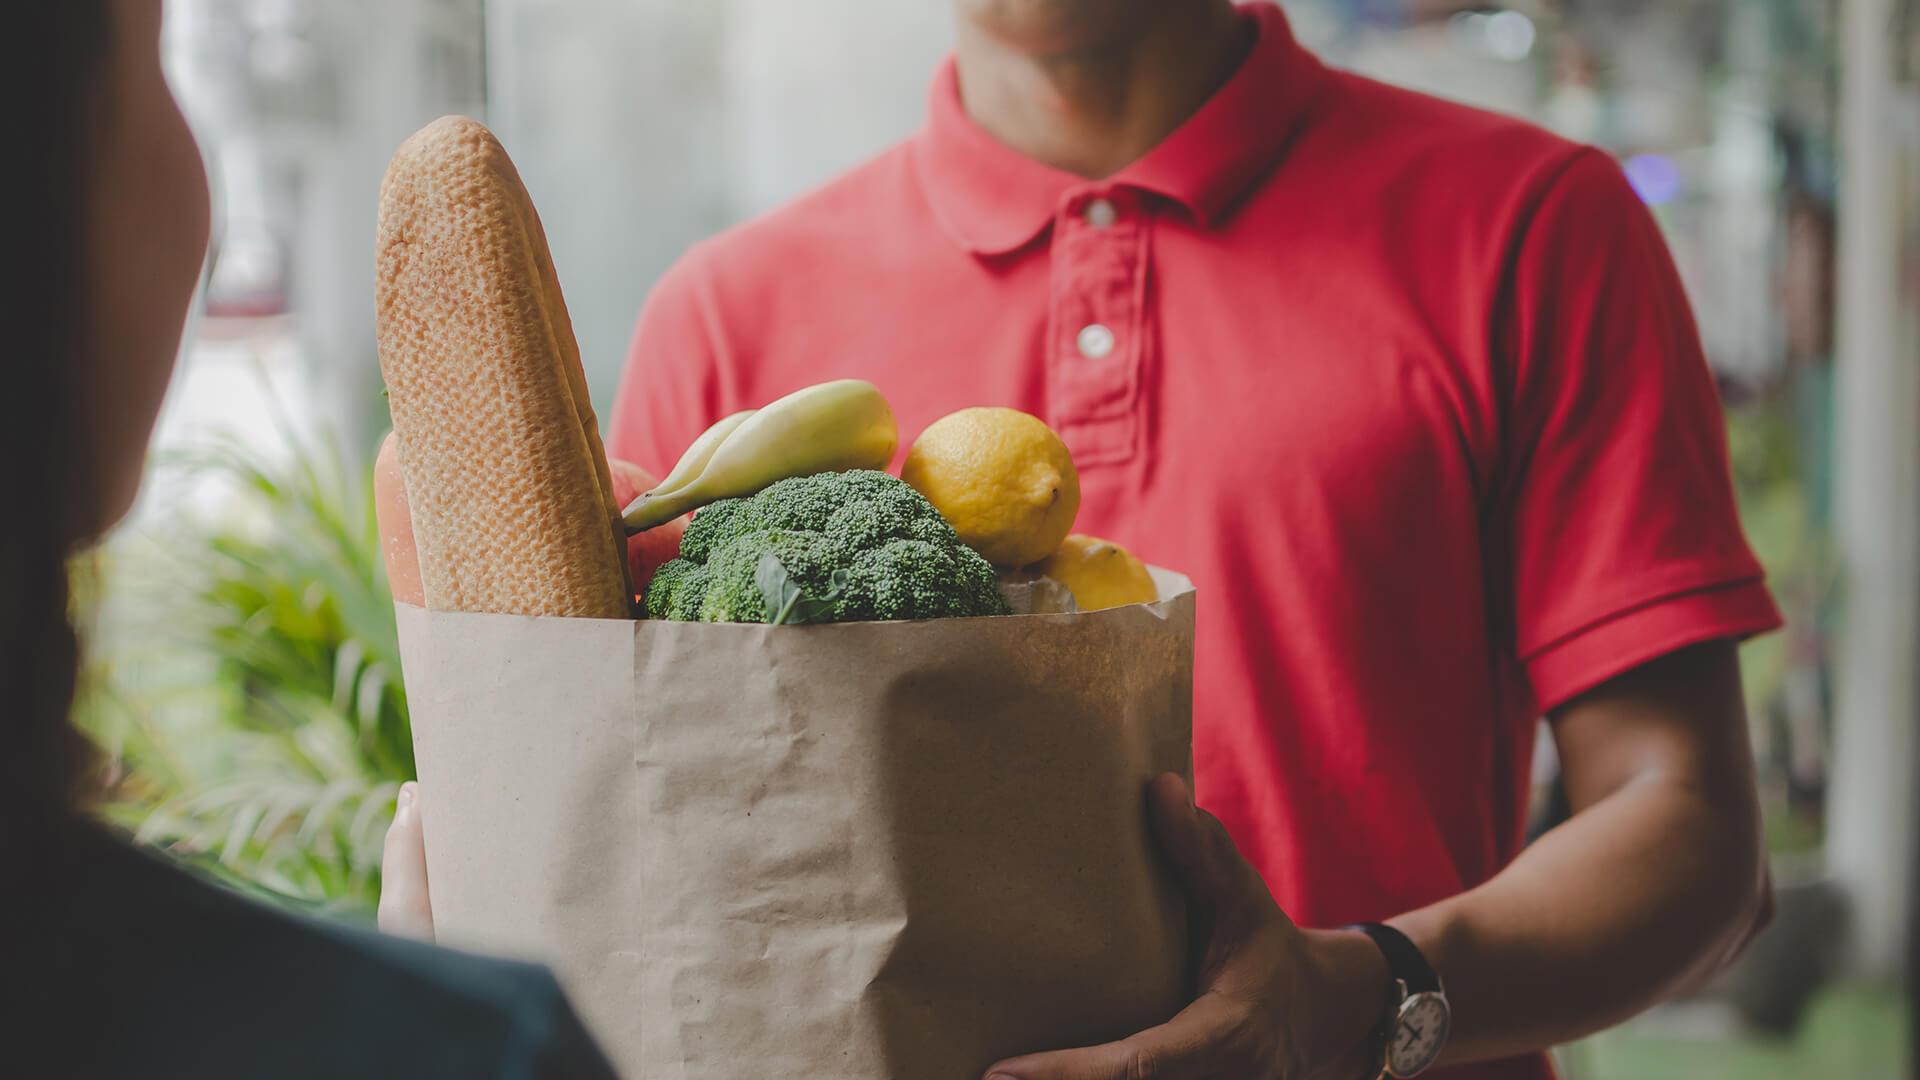 Einkauf und Logistik im Smarten Quartier